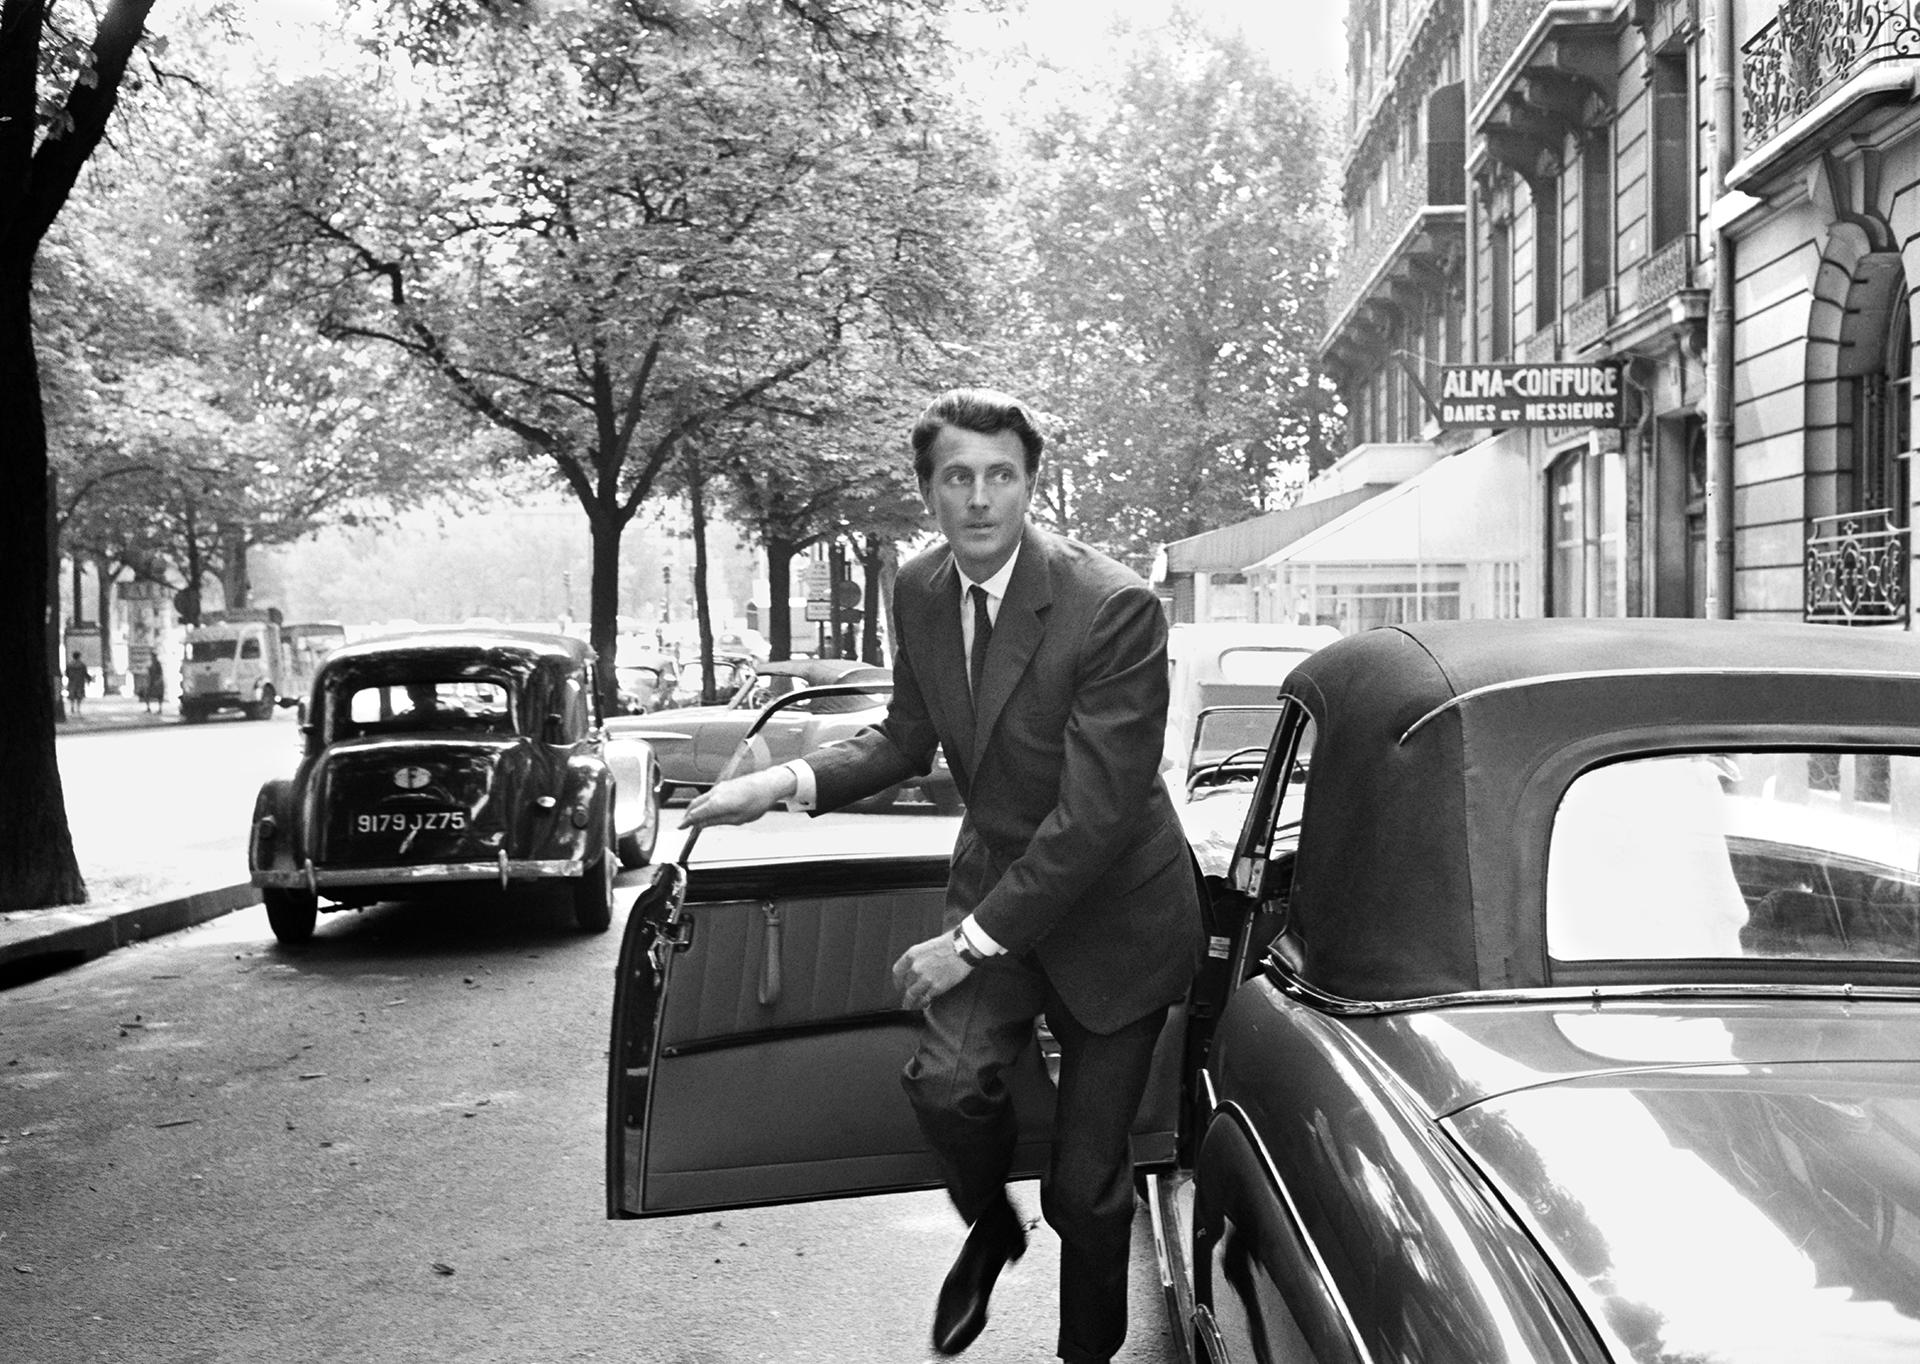 Hubert de Givenchy exits his car in Paris, 1960